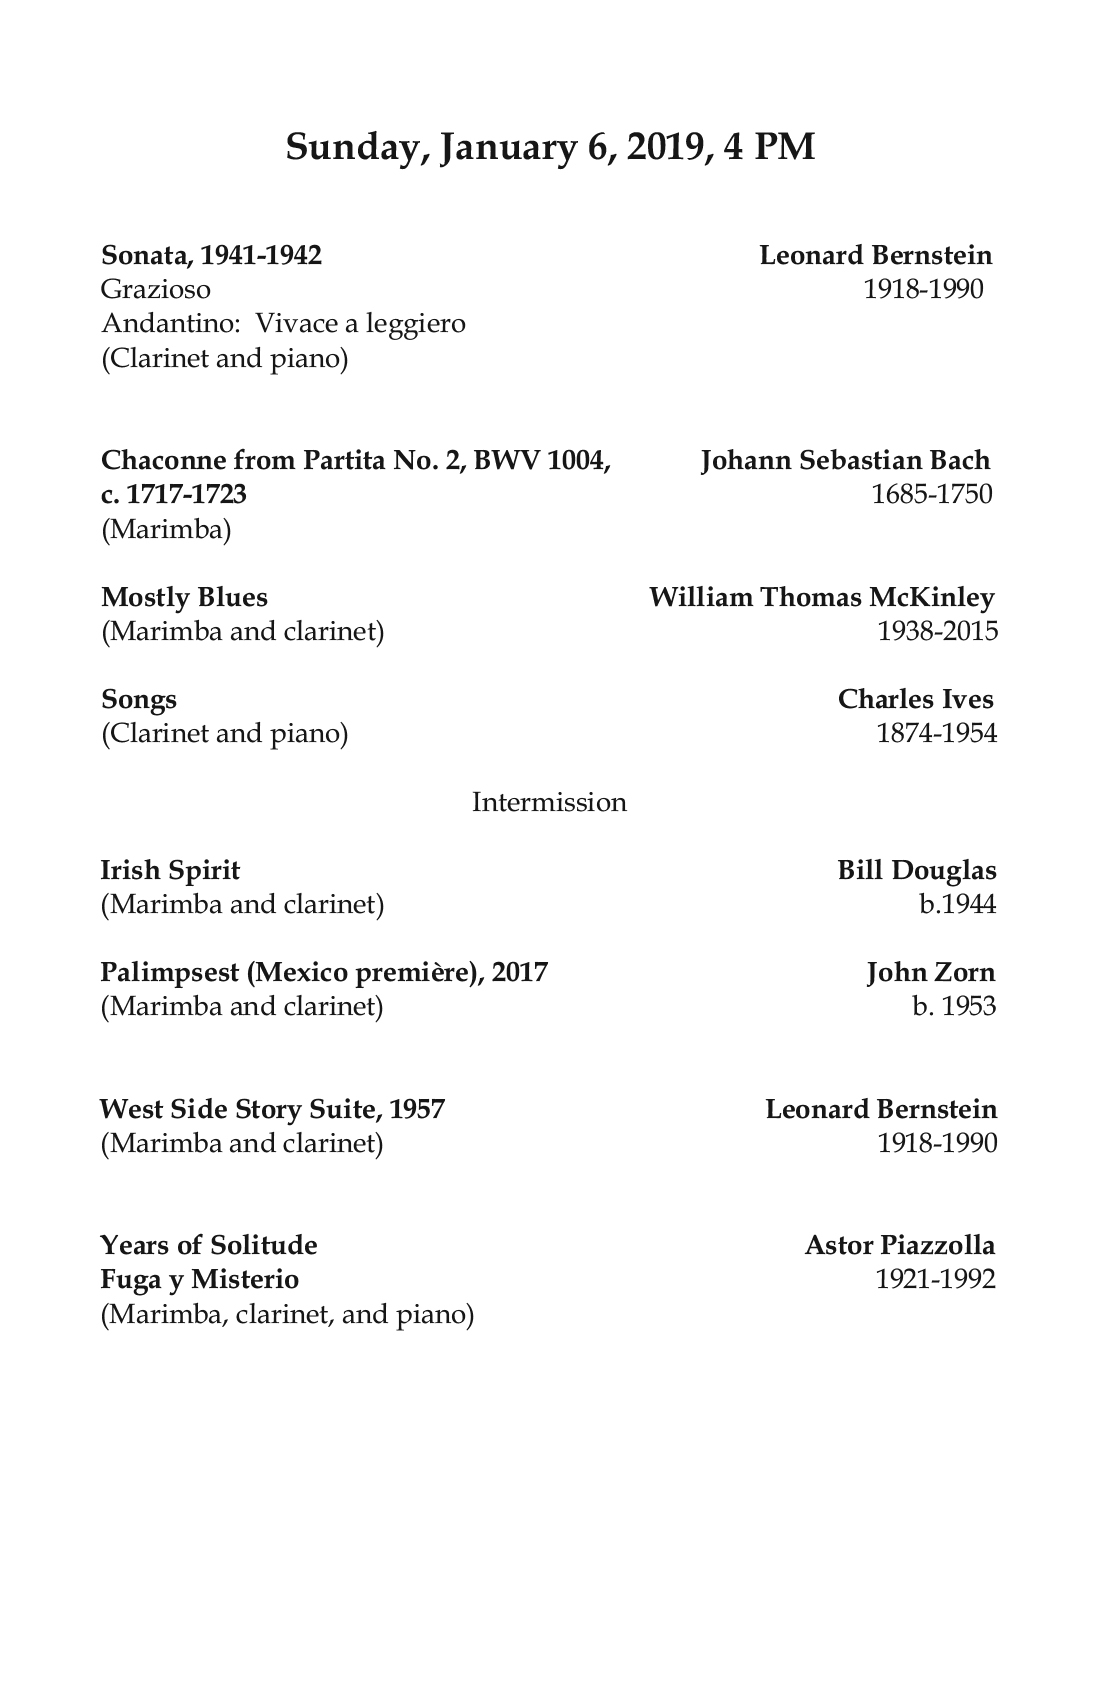 Promusica - program pages 2018-19-4.jpg